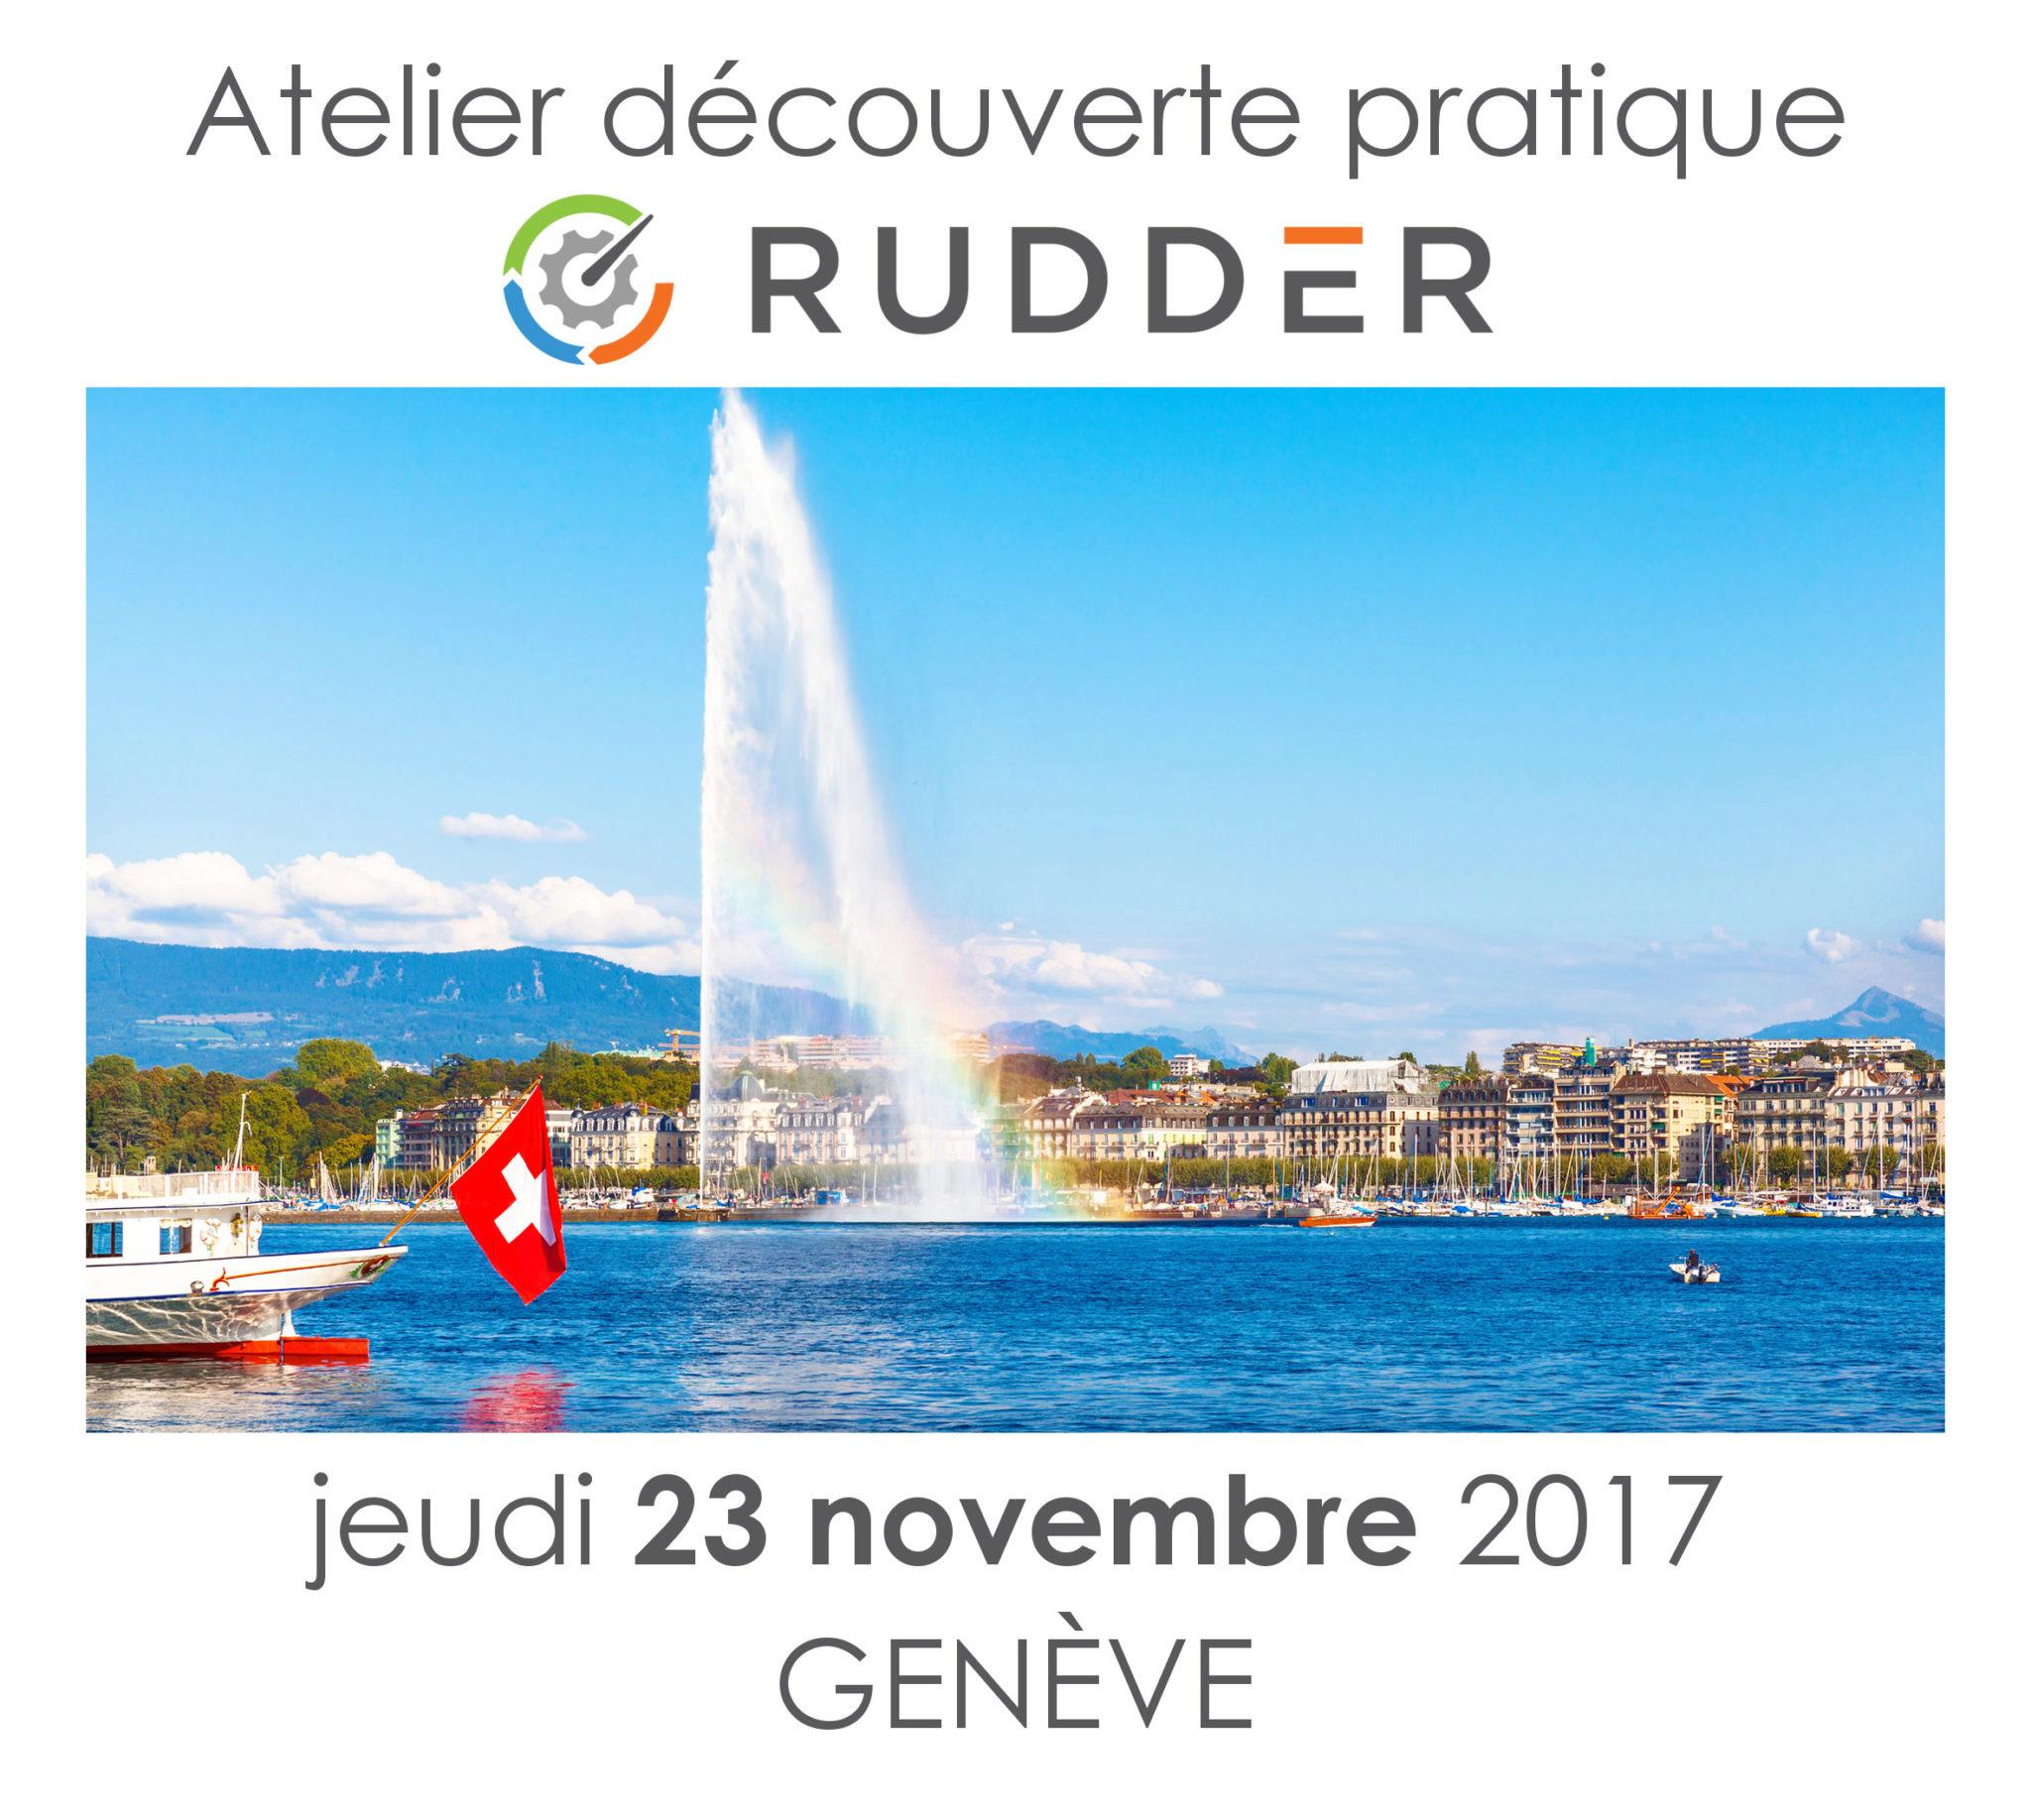 JIR Rudder à Genève